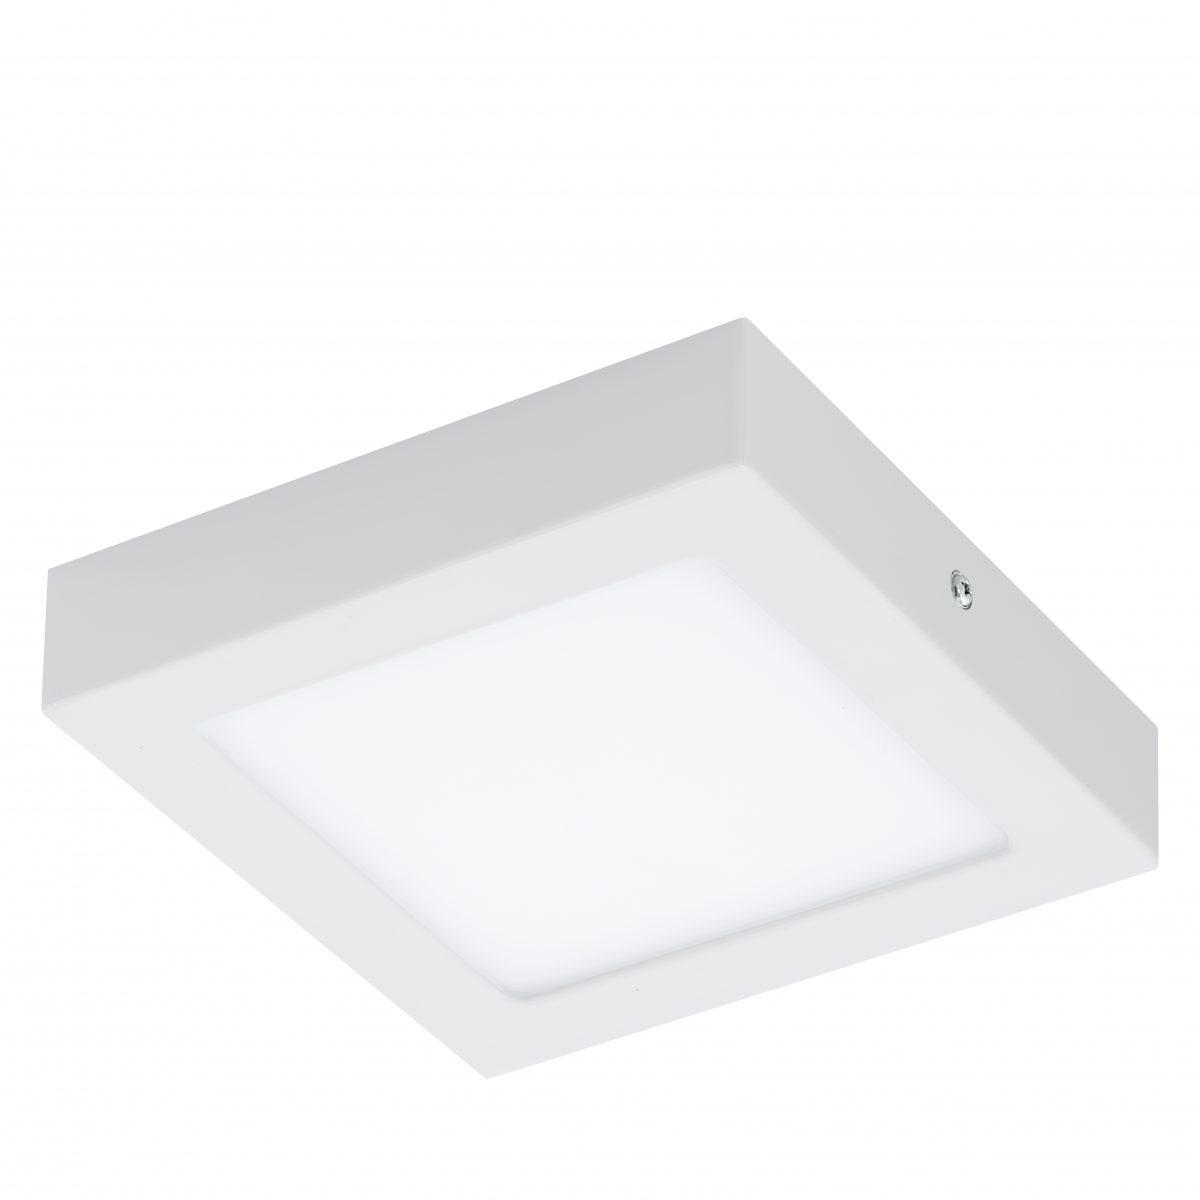 Светильник настенно-потолочный FUEVA 1 EGLO 94074 - Фото №28